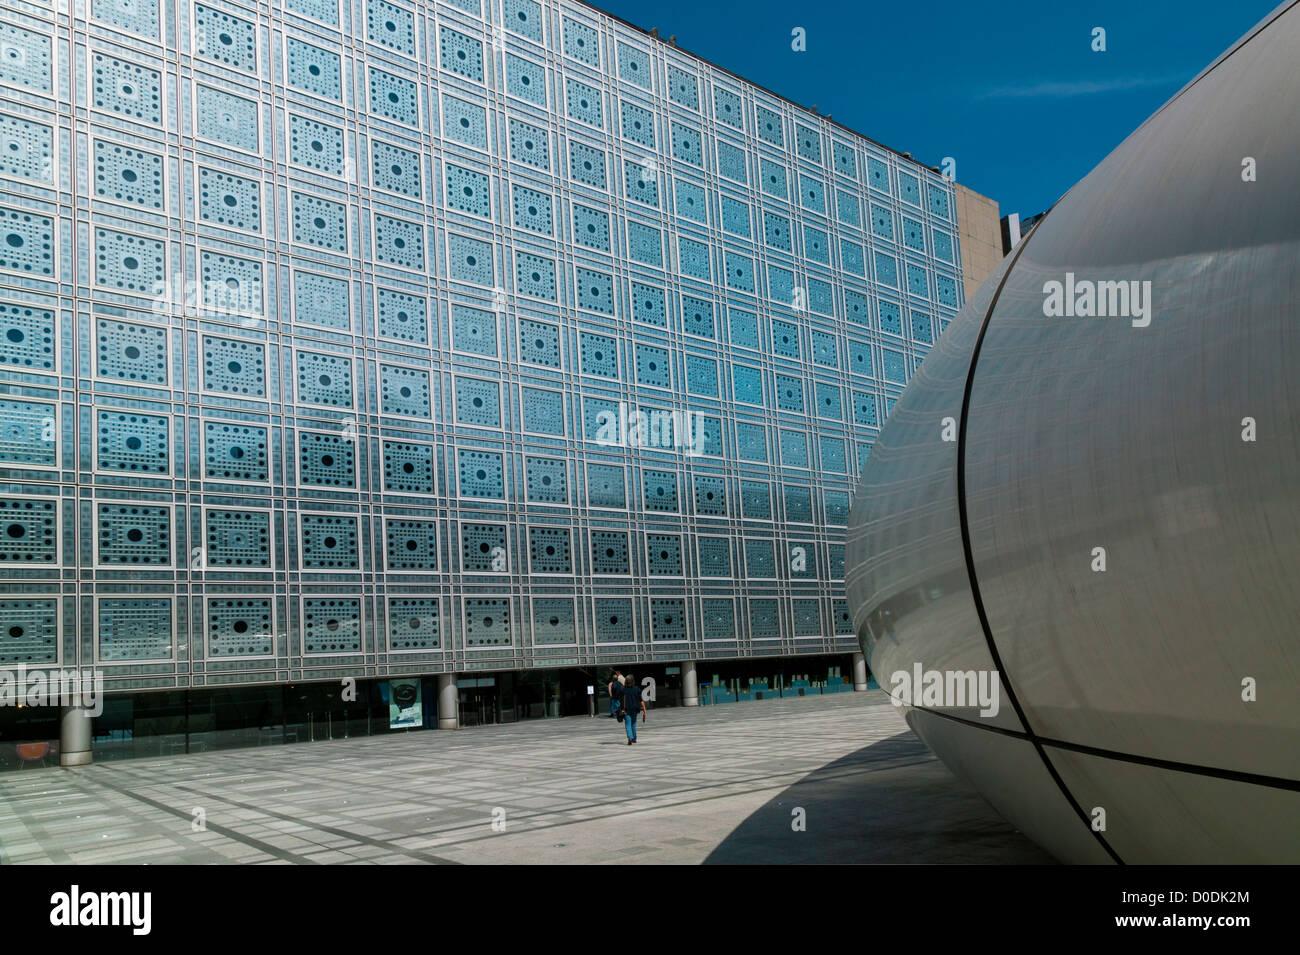 The Arab World Institut, Paris, France - Stock Image